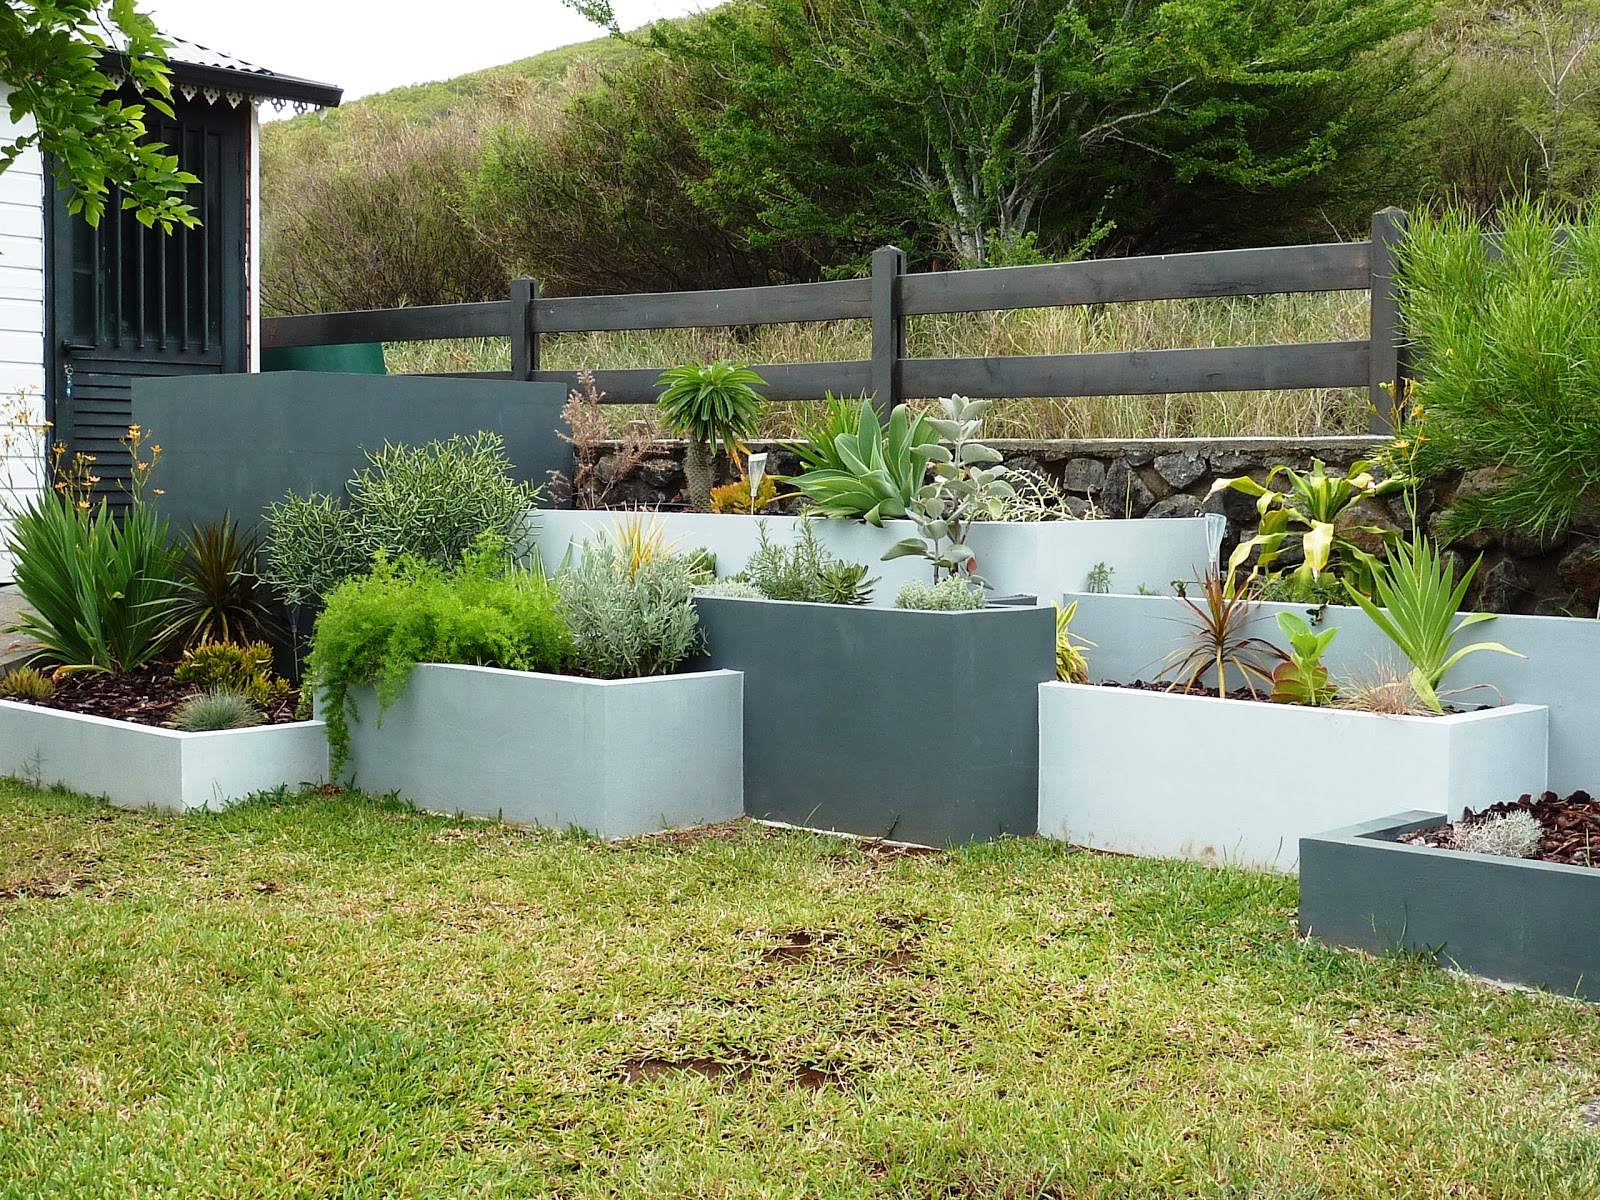 Ma maison la r union mars 2013 for Entretien jardin reunion